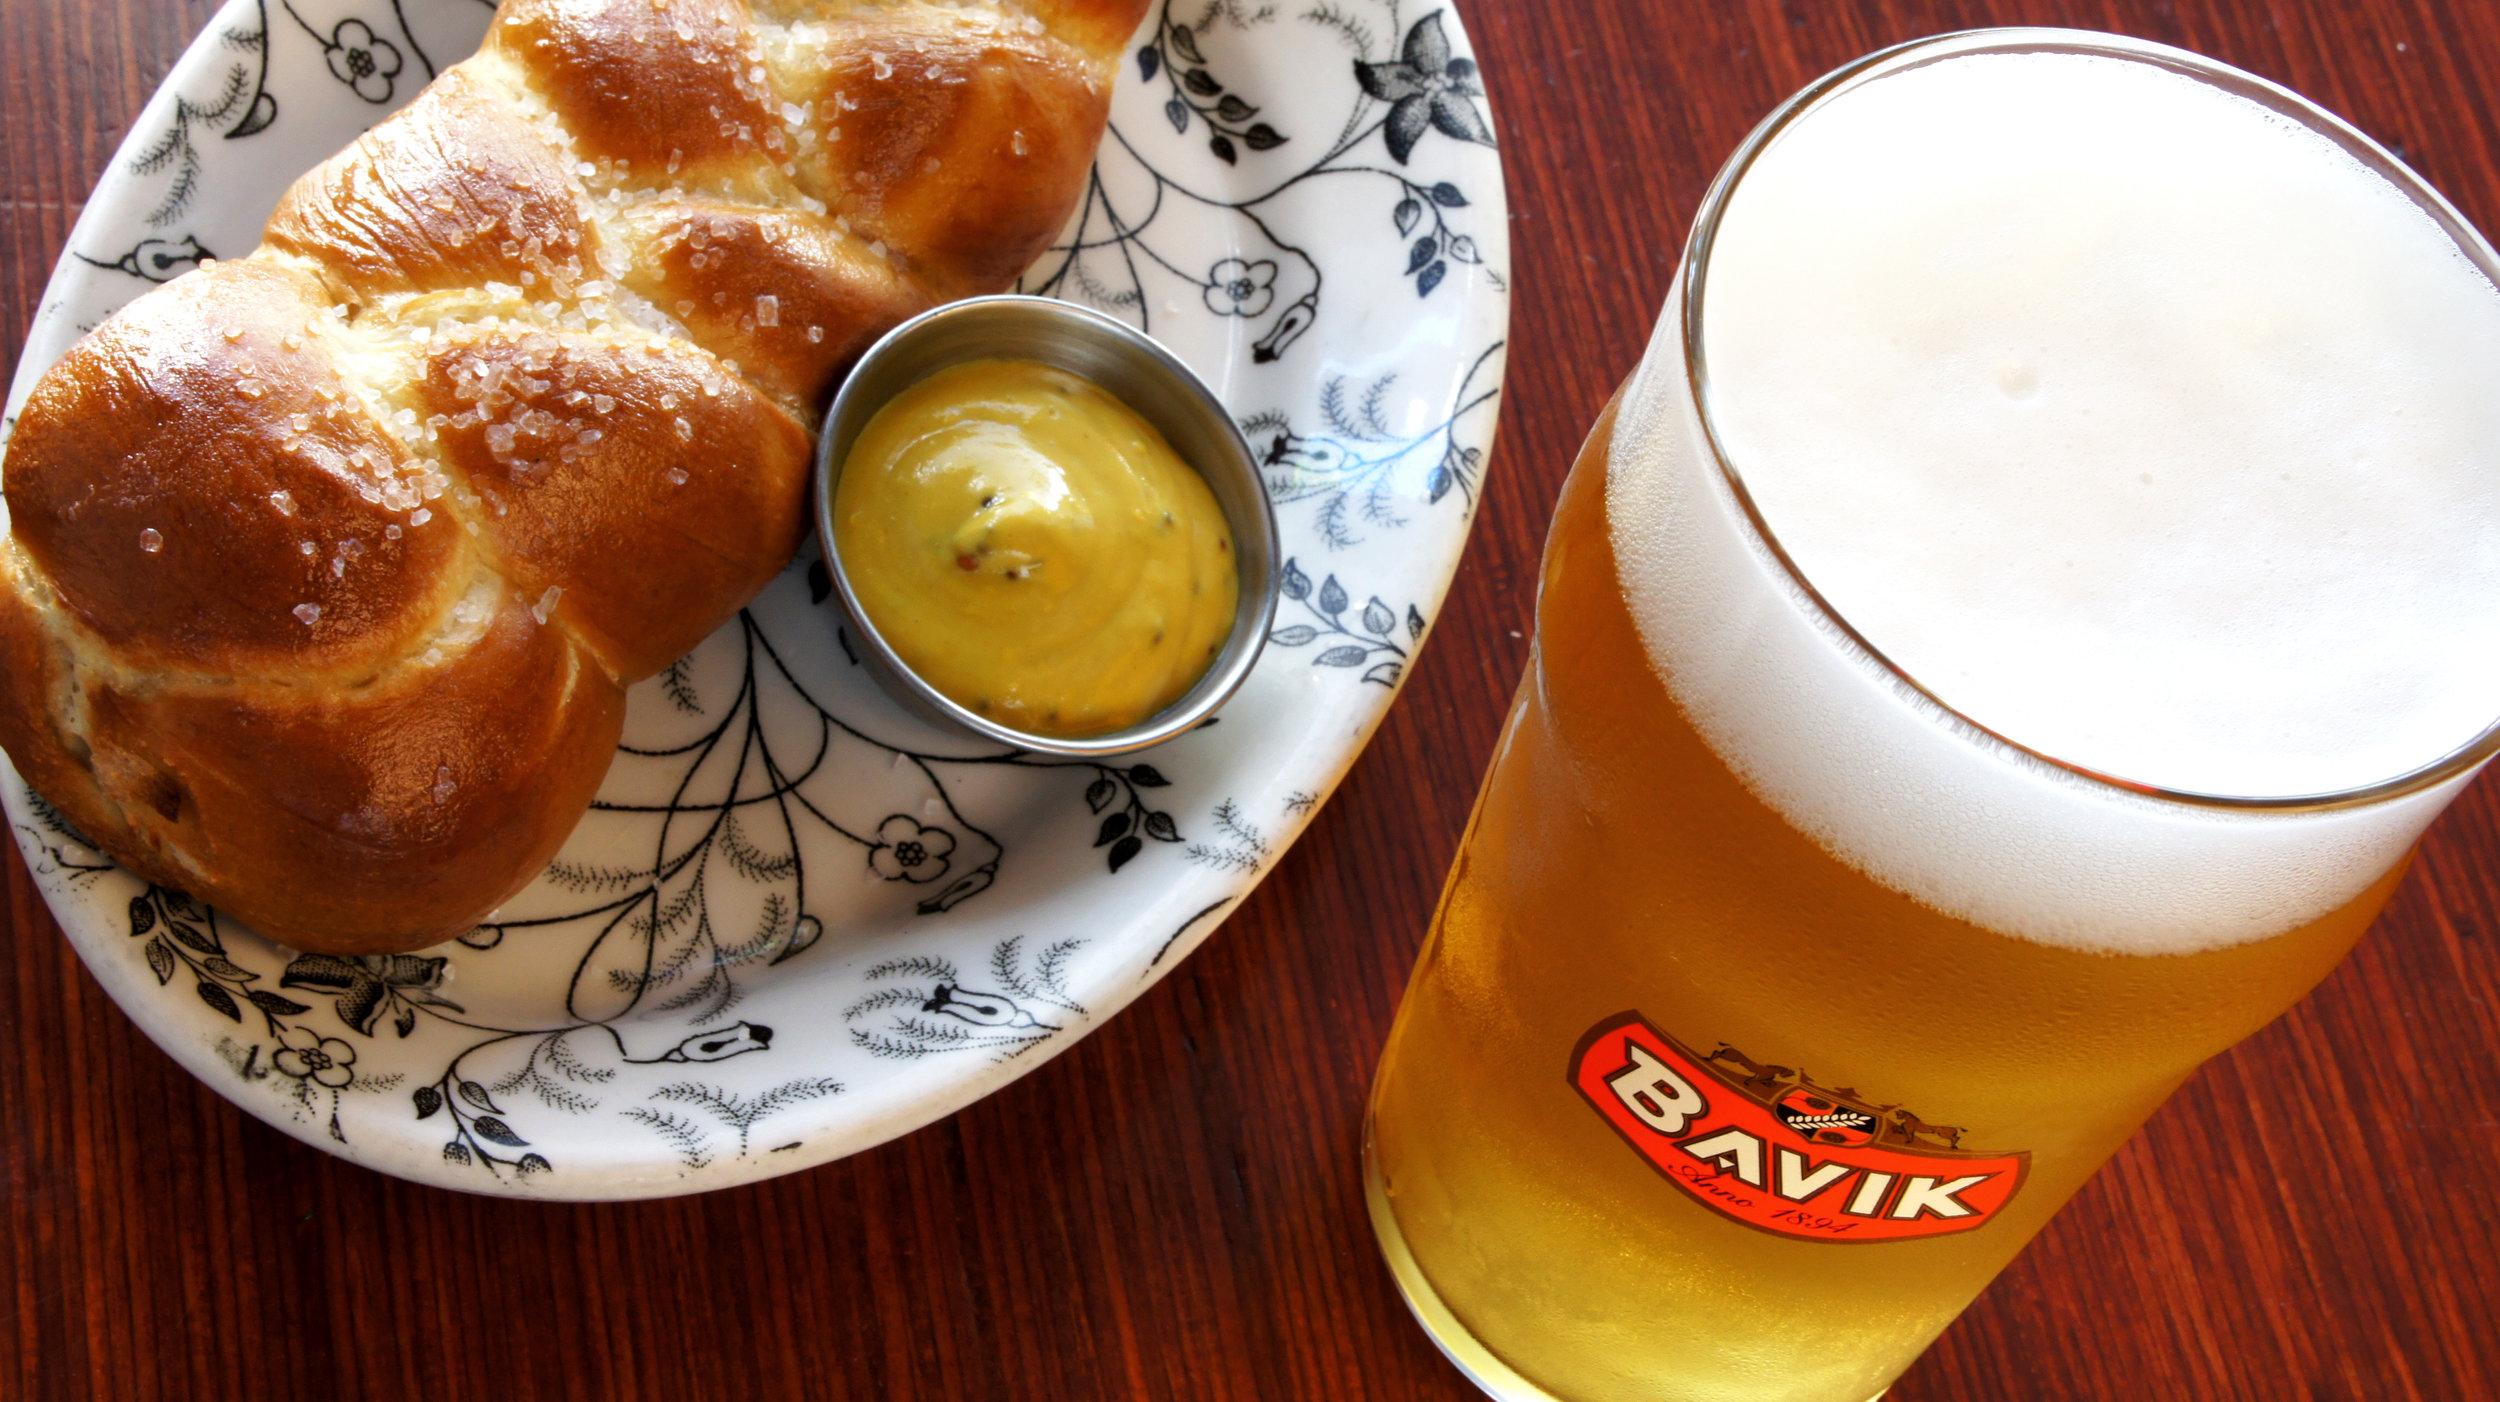 Housemade pretzels & other European specialties with German & Belgian beer